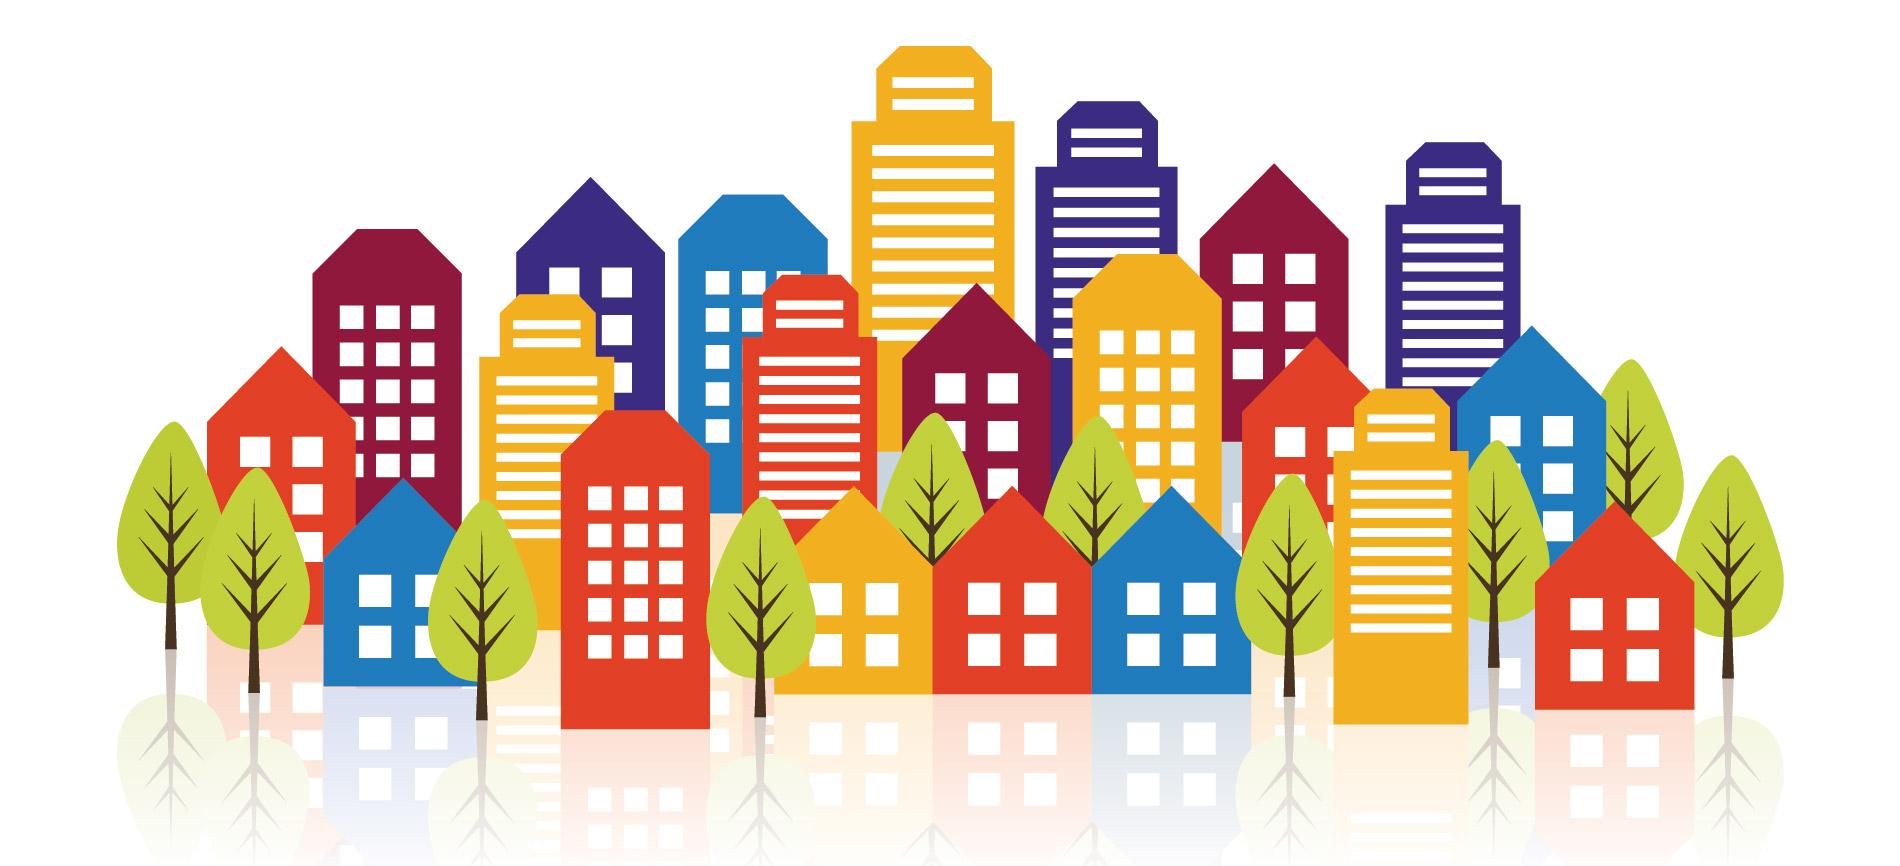 Stai pensando di vendere CASA? Non sei sicuro di voler vendere e con chi? Hai paura di non trovare una nuova casa?